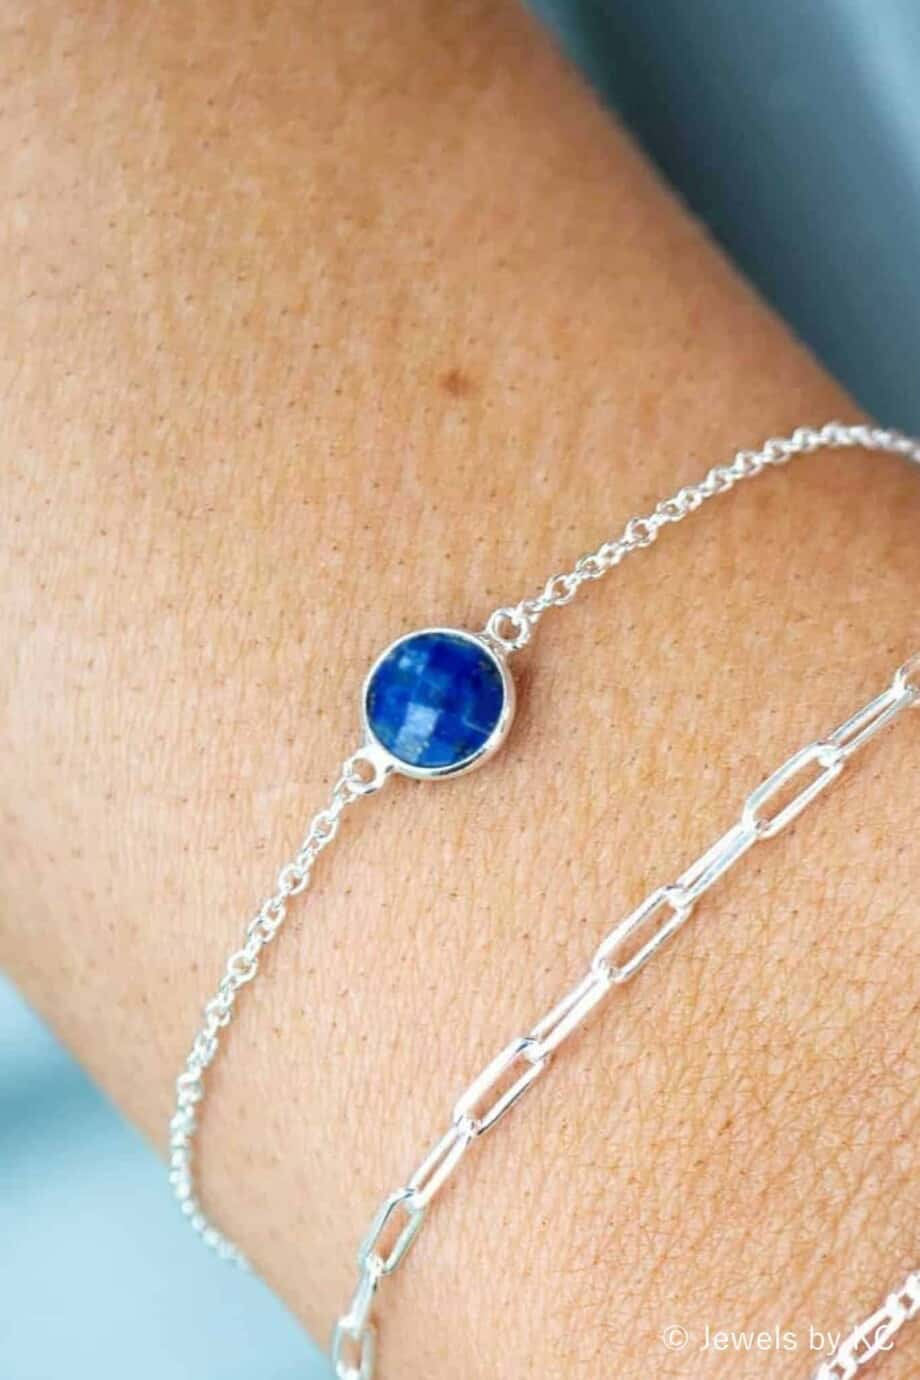 Zilveren armband met blauwe edelsteen 'Lapis Lazuli'